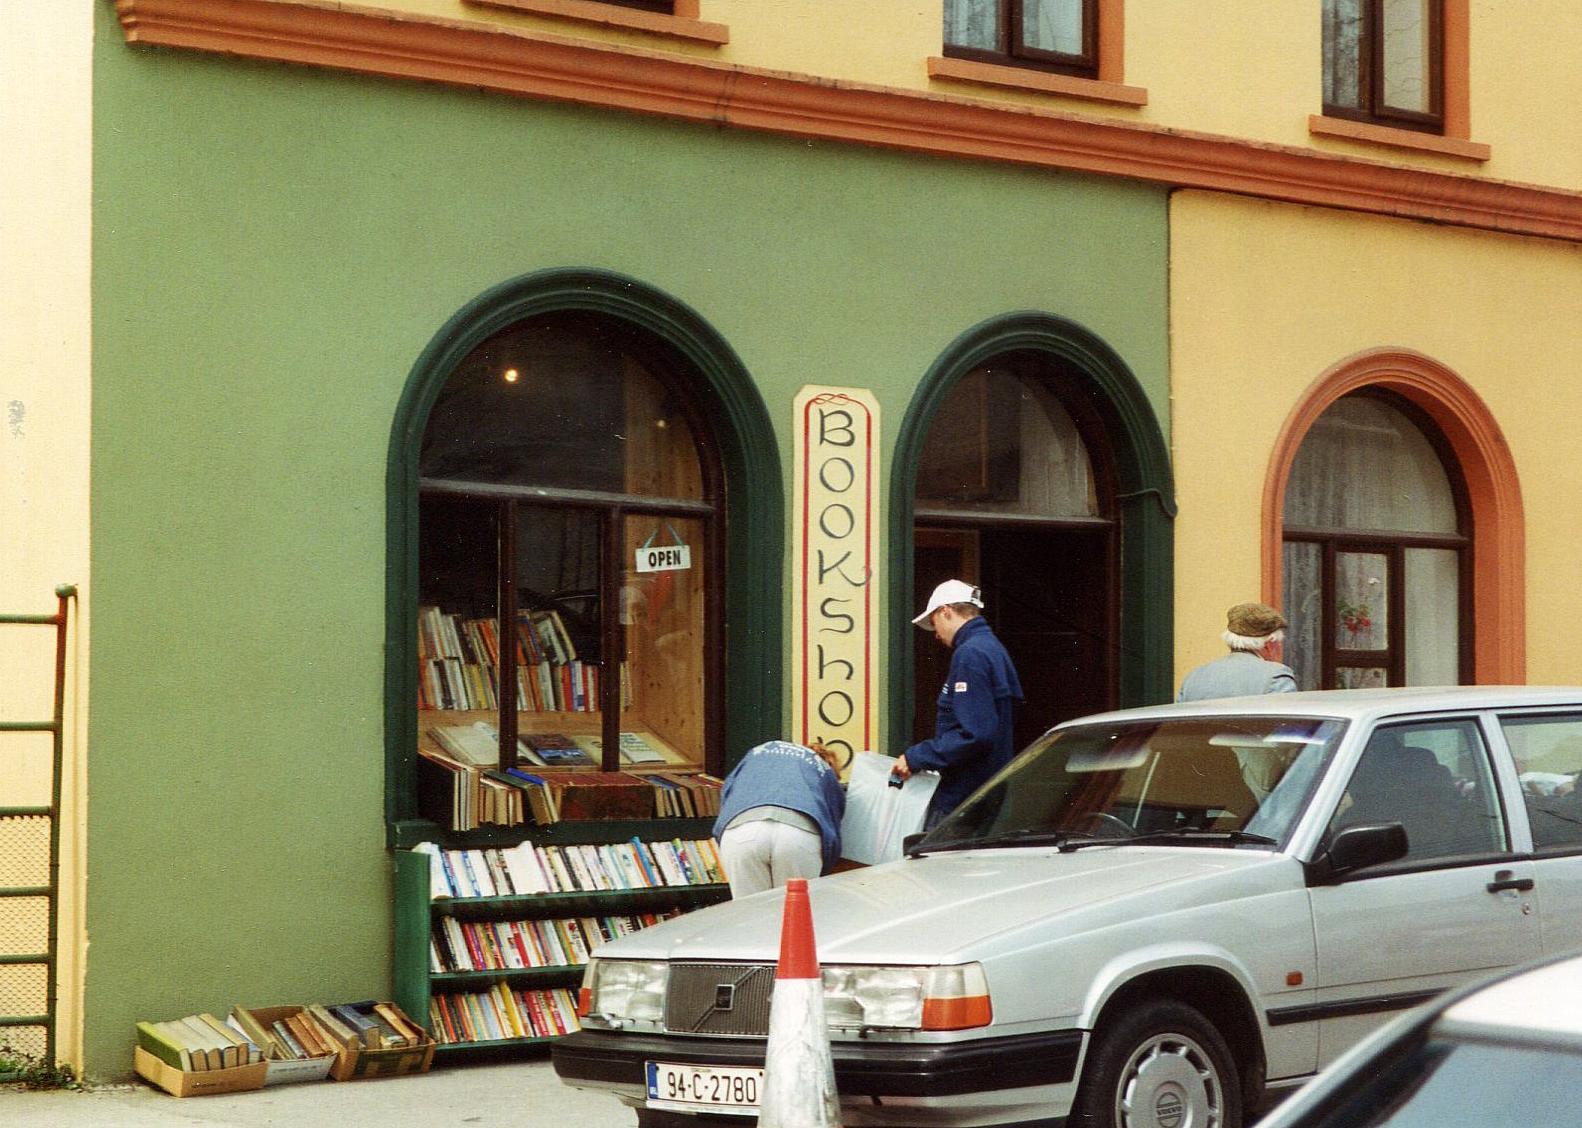 skibbereenbookshop01